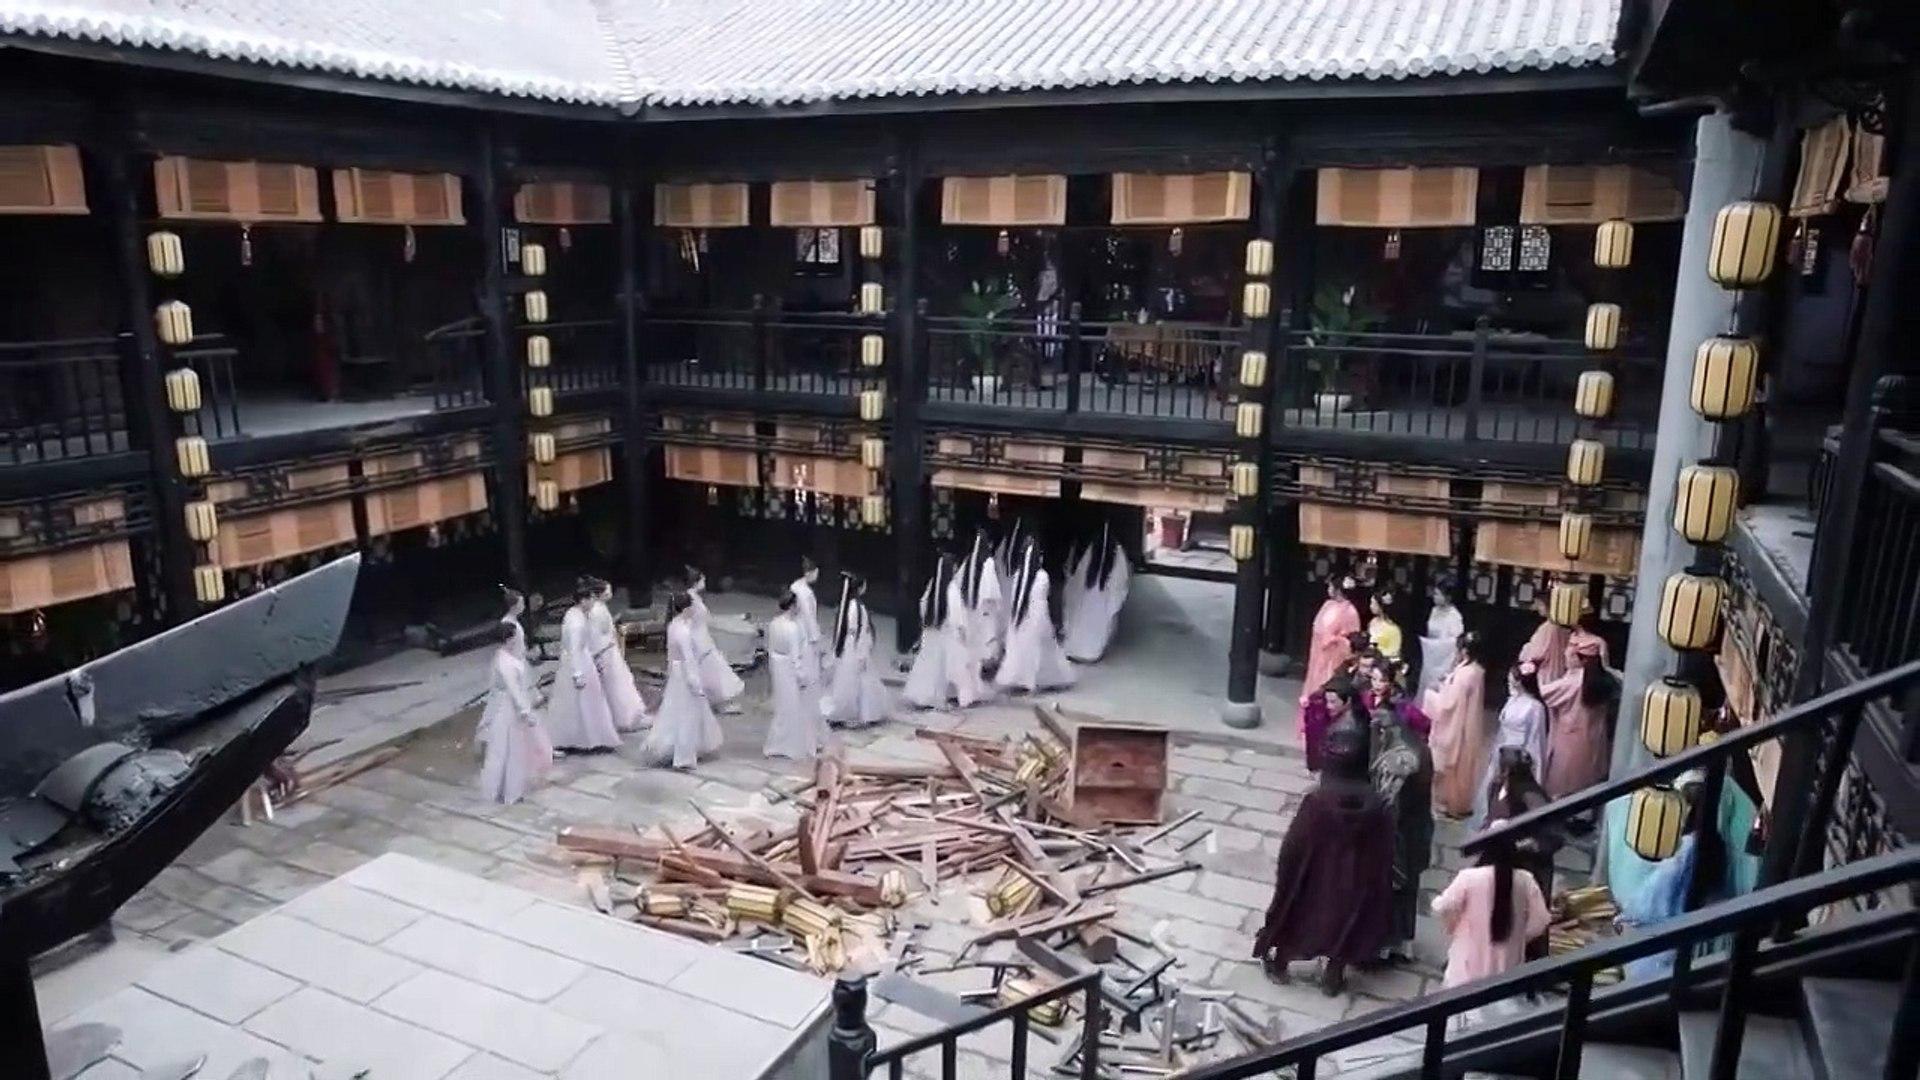 ดาบมังกรหยก 2019 (มังกรหยก ภาค 3) ซับไทย ตอนที่ 3